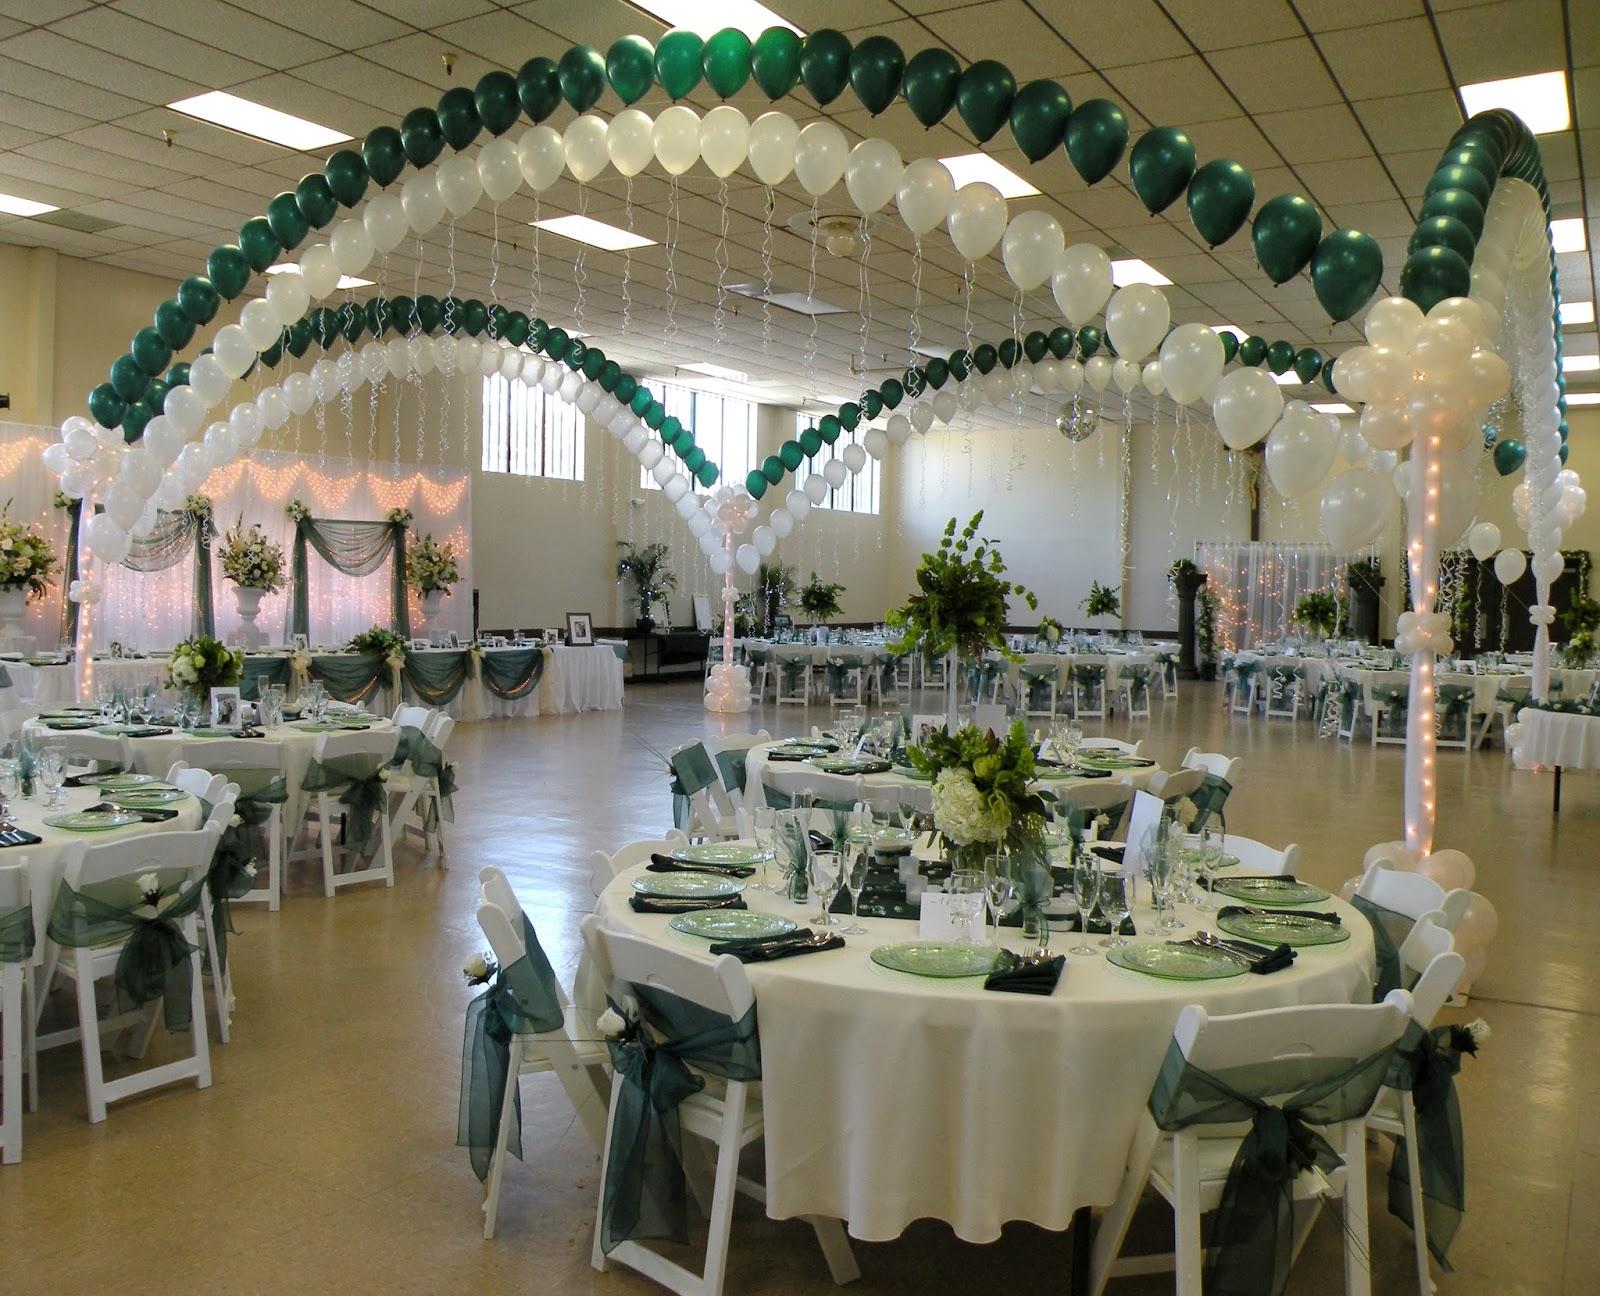 Decoracion de bodas con arcos de globos parte 4 - Ideas decoracion bodas ...